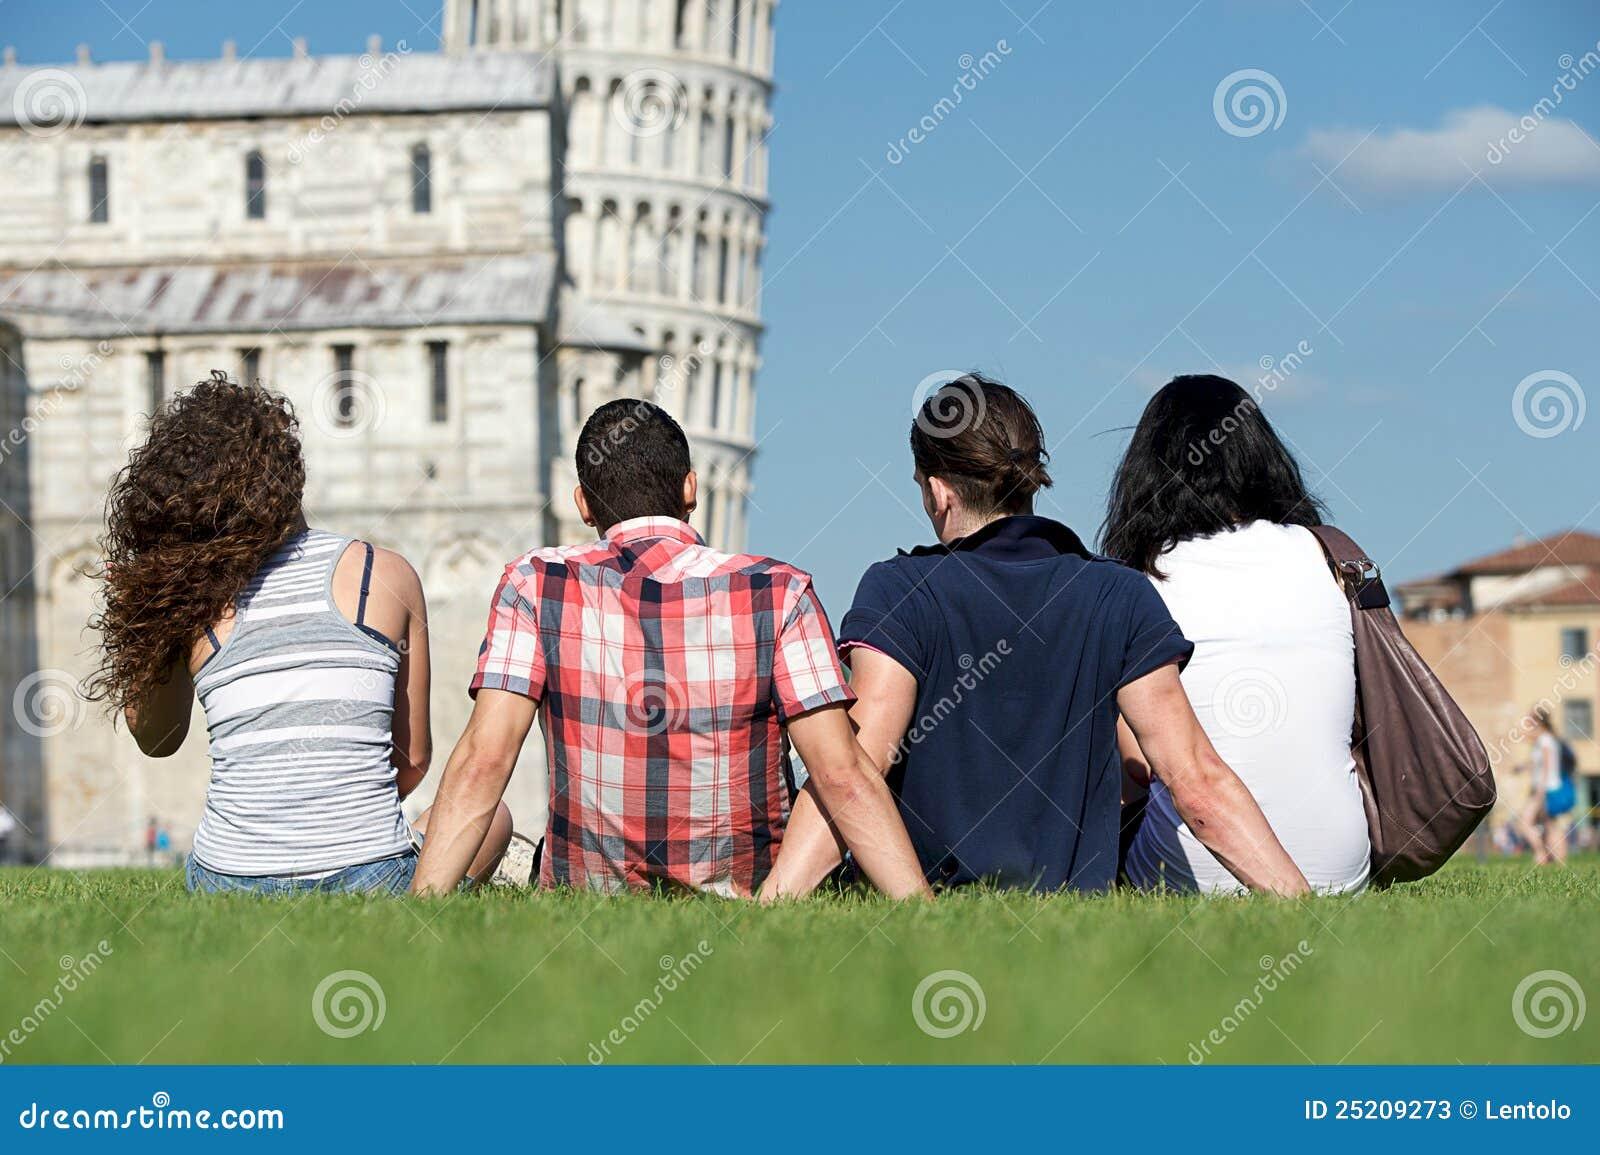 Vier Freunde auf Ferien Pisa besichtigend